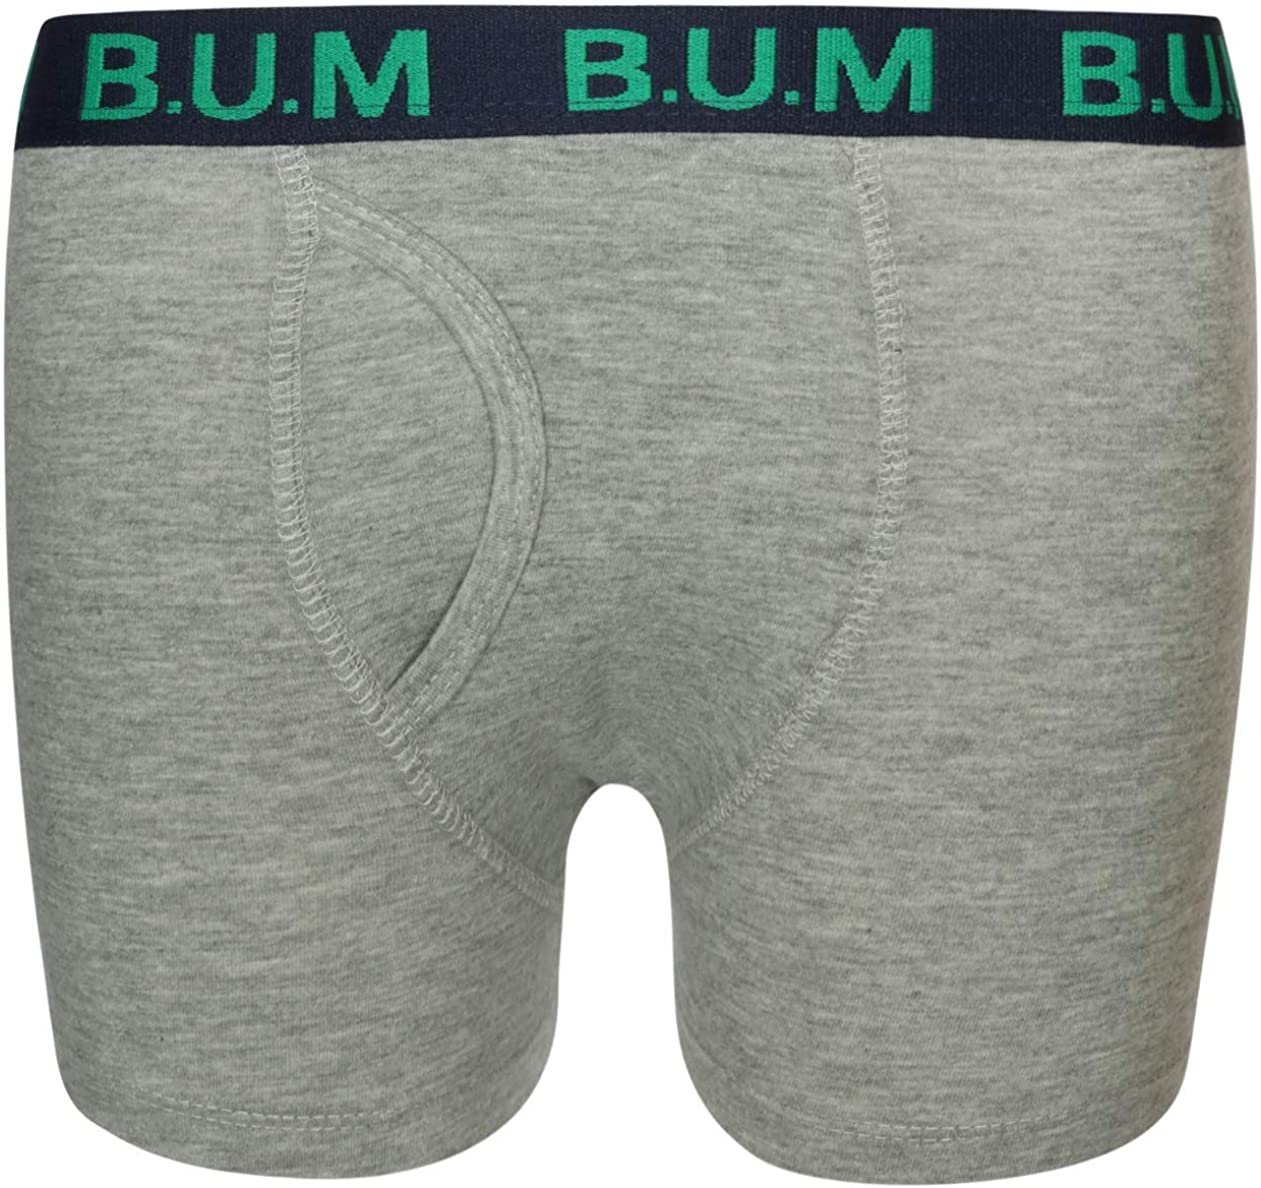 B.U.M Equipment Boys 5 Pack Solid Boxer Briefs Underwear